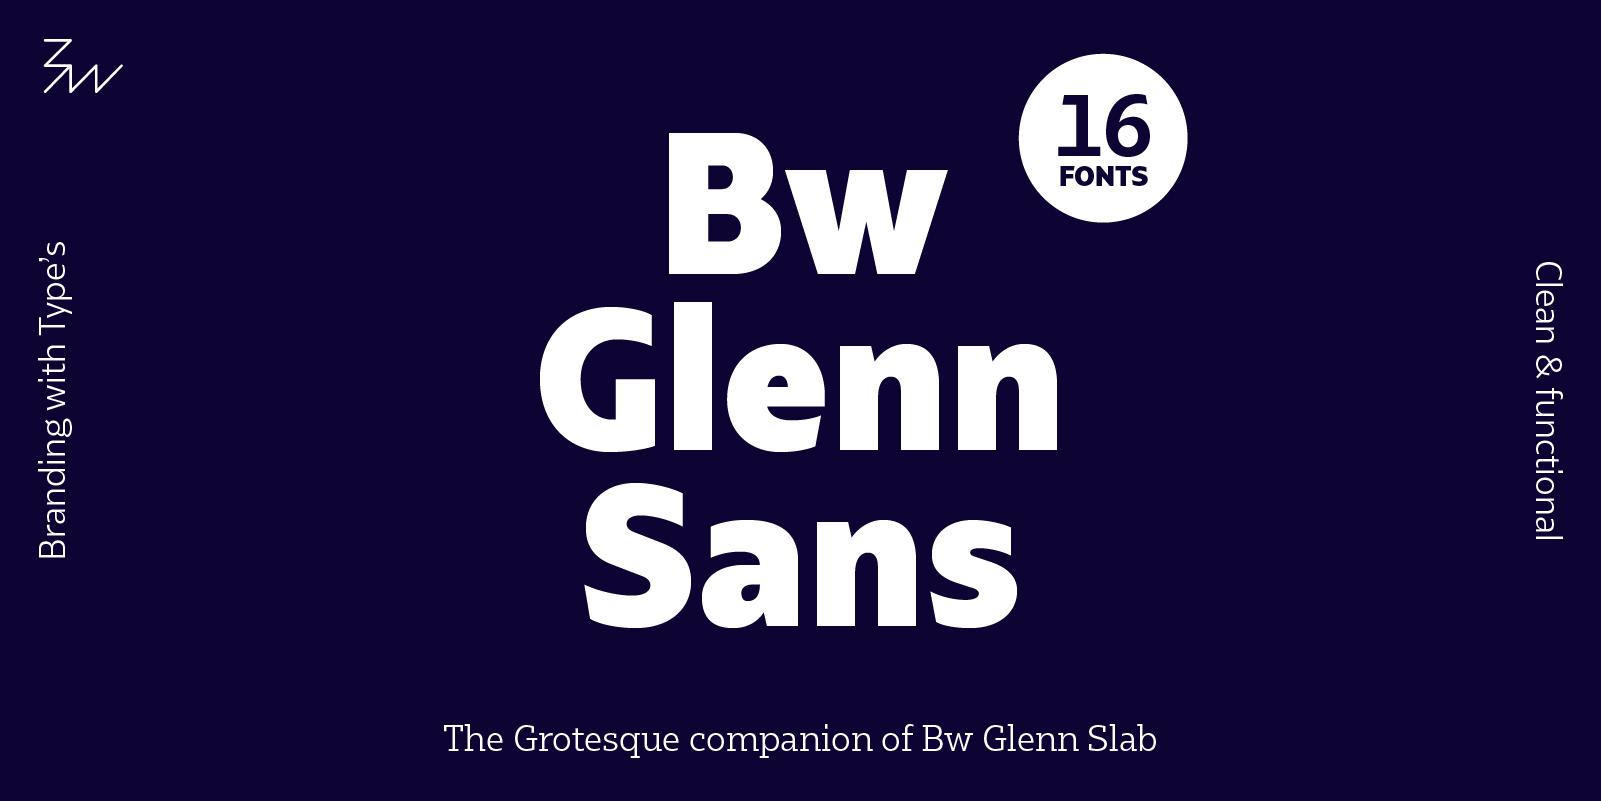 Bw Glenn Sans typeface